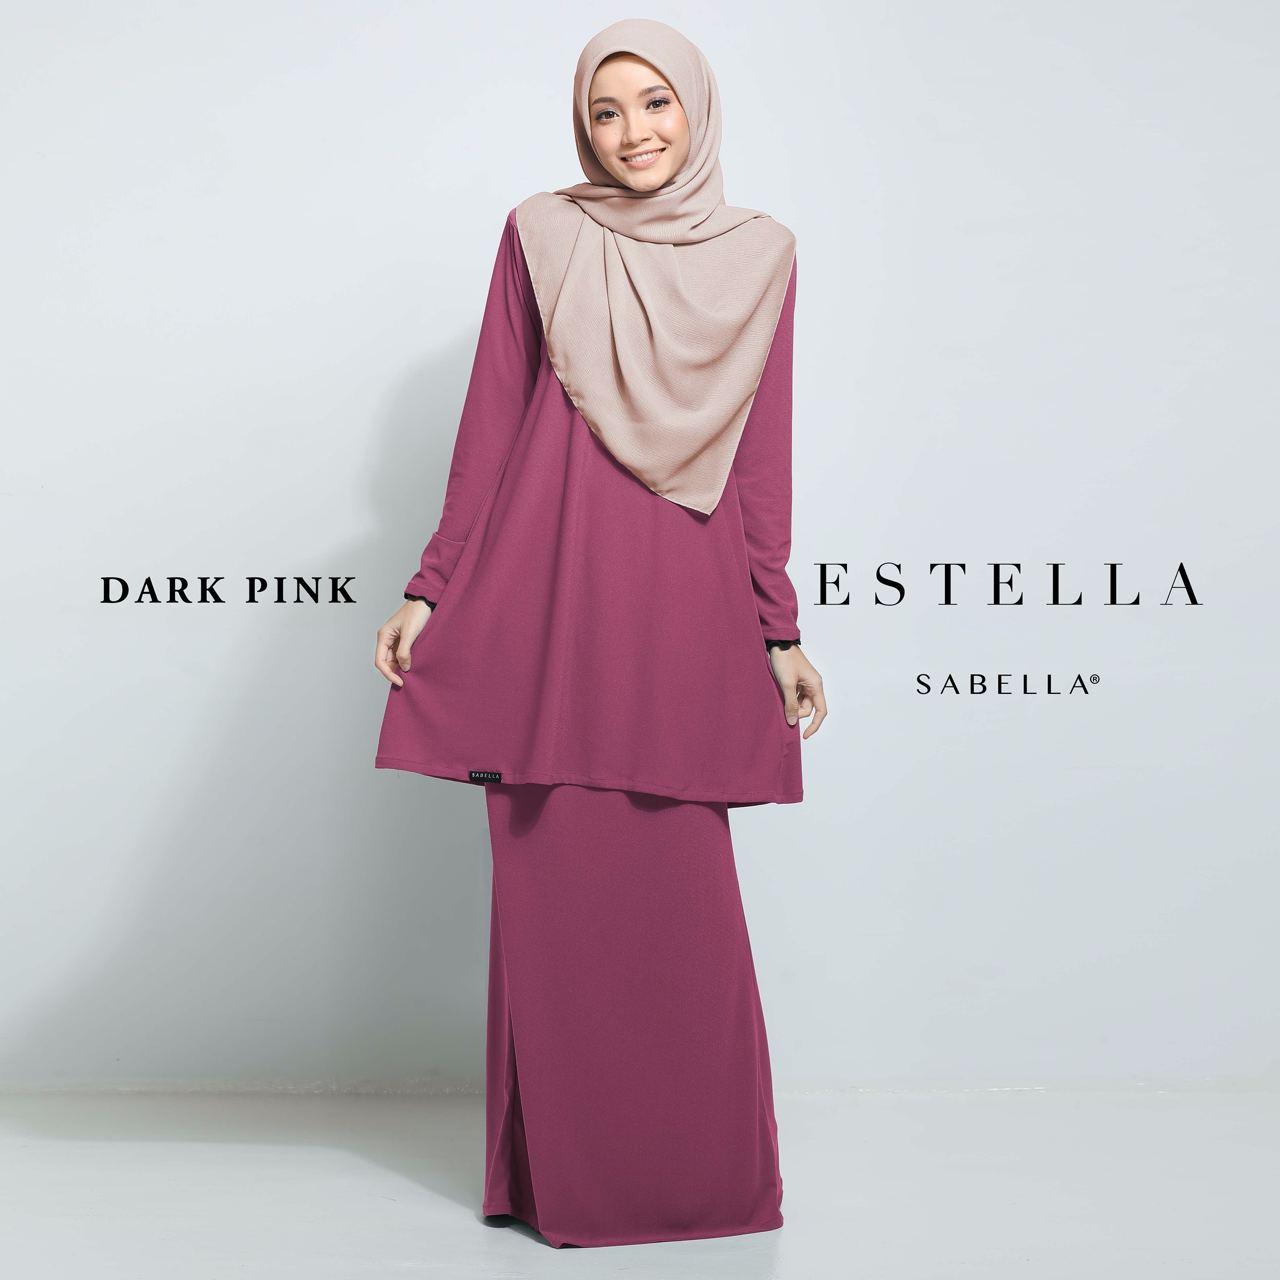 Estella 2.0 Dark Pink